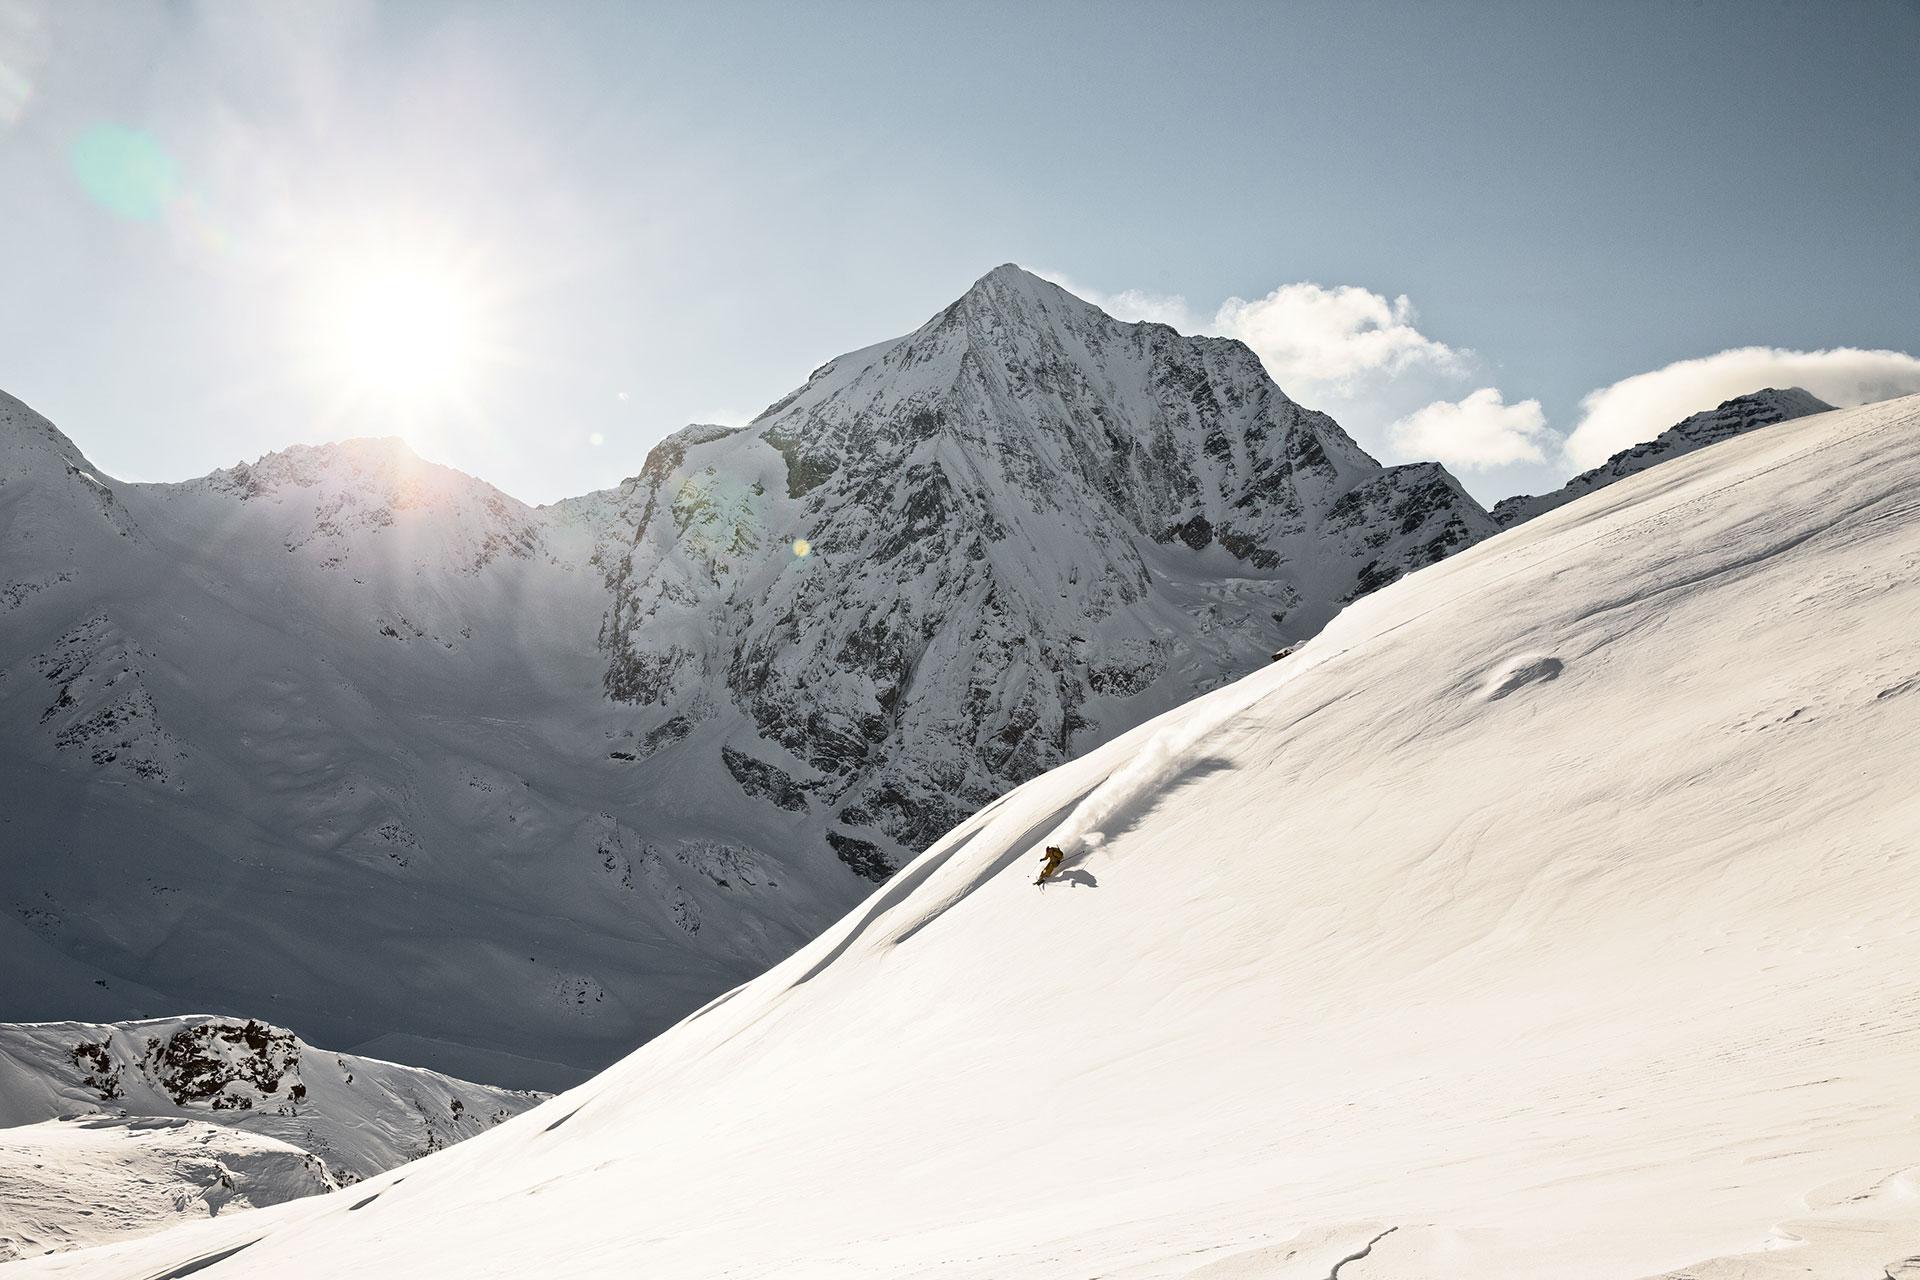 Gegenlicht Fotograf Landschaft Berge Alpen Winter Fotoproduktion Michael Müller Frankfurt Deutschland